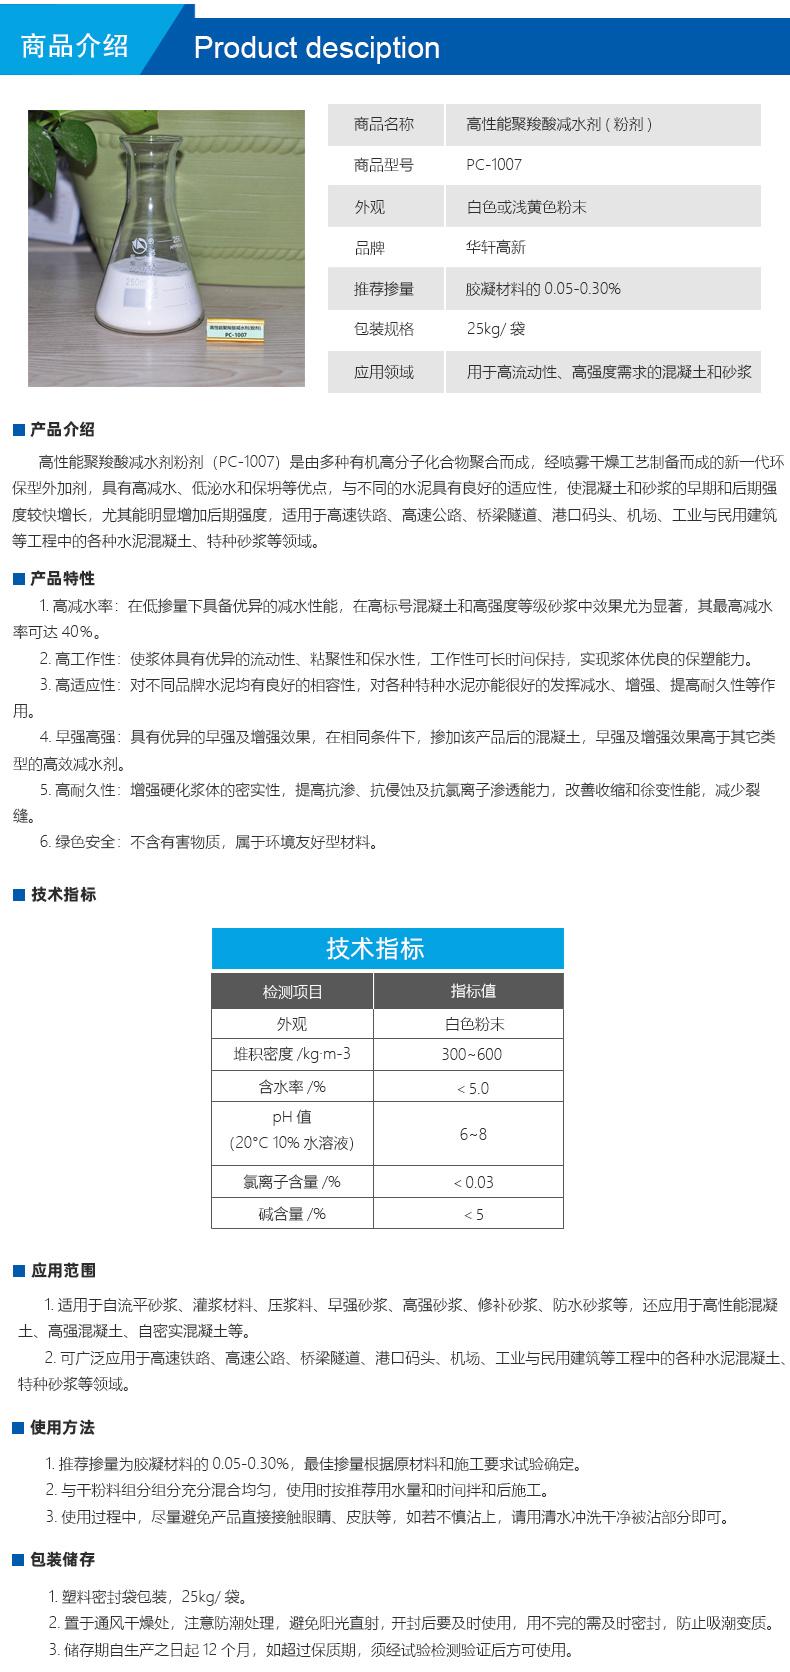 武汉水泥砂浆减水剂 华轩高新PC-1007粉体聚羧酸减水剂示例图10